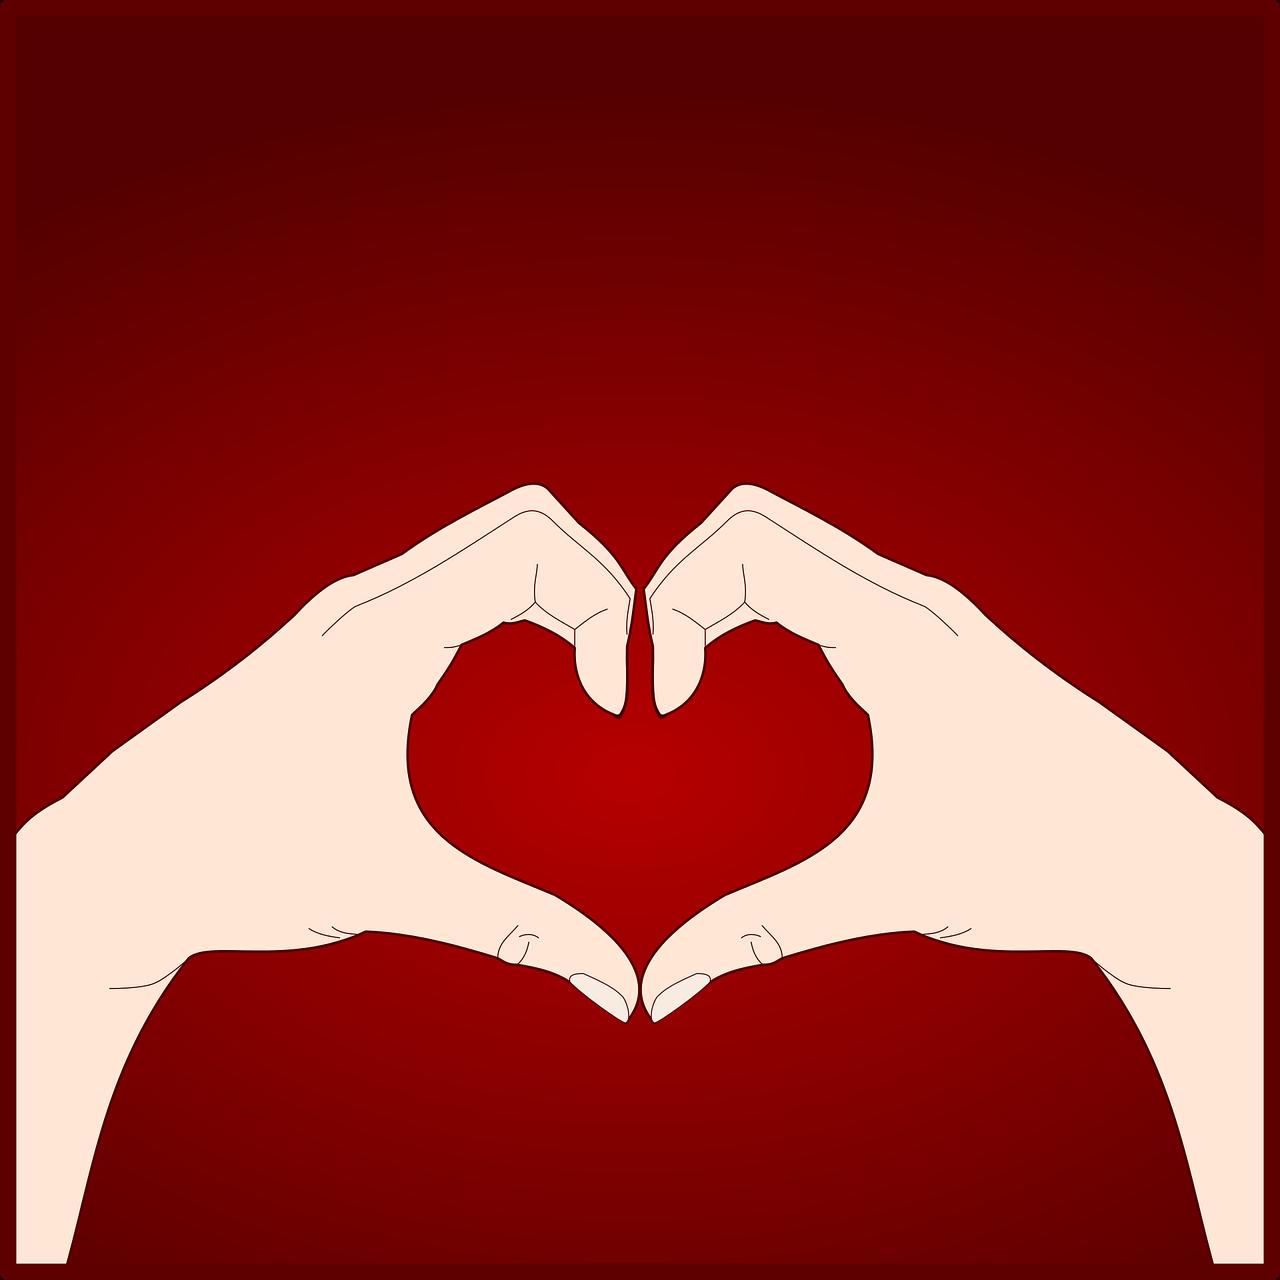 Картинки сердца руками и пальцами простота организации